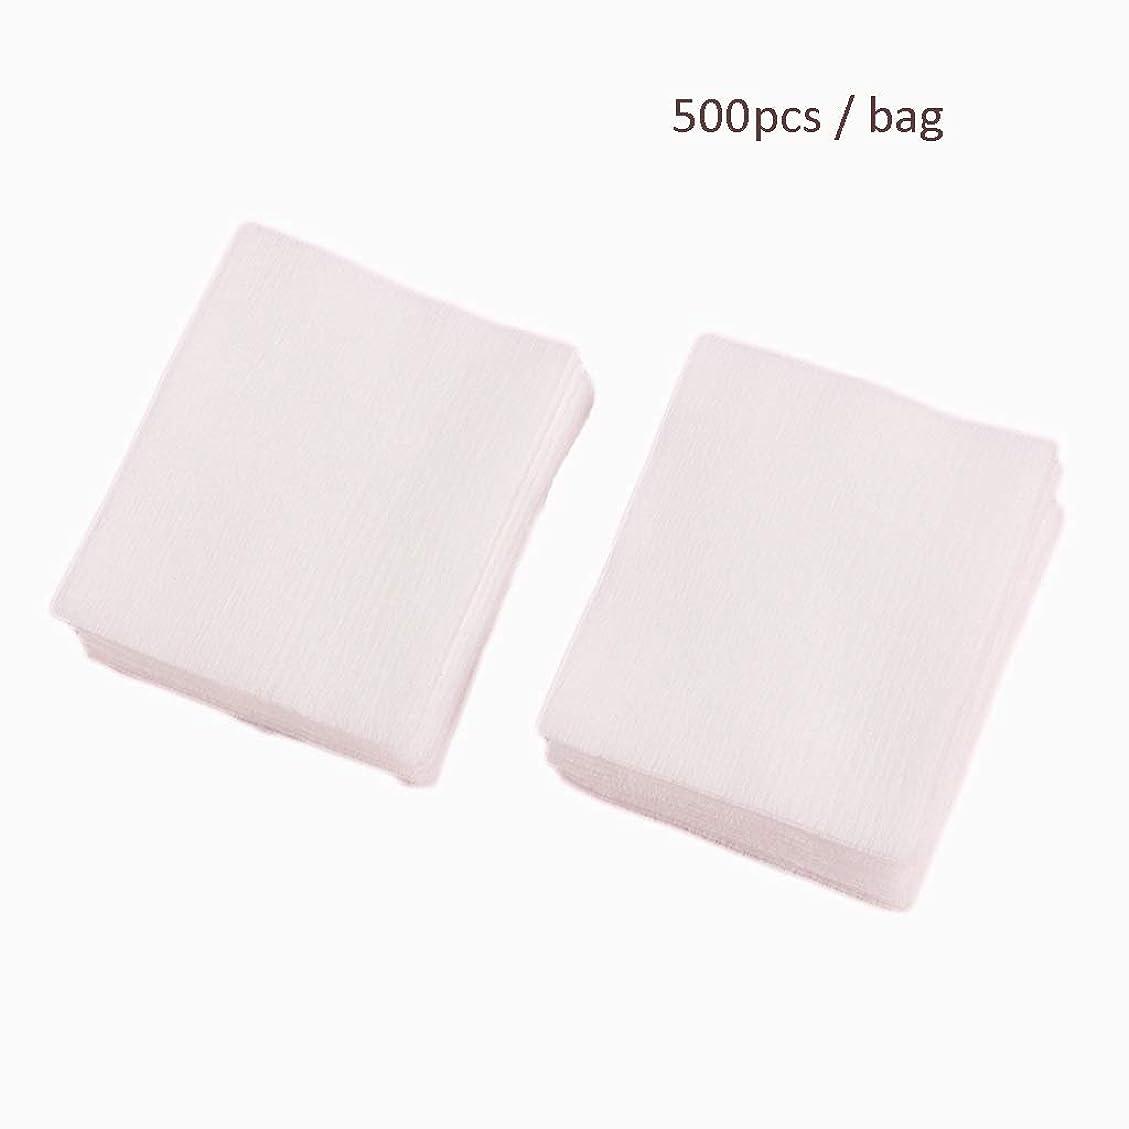 シチリアライフルインディカクレンジングシート 500ピース/バッグフェイシャルオーガニックコットンパッドフェイシャルクリーニングネイルポリッシュリムーバー化粧品ティッシュメイクアップ美容スキンケアツール (Color : White, サイズ : 5*6.2cm)